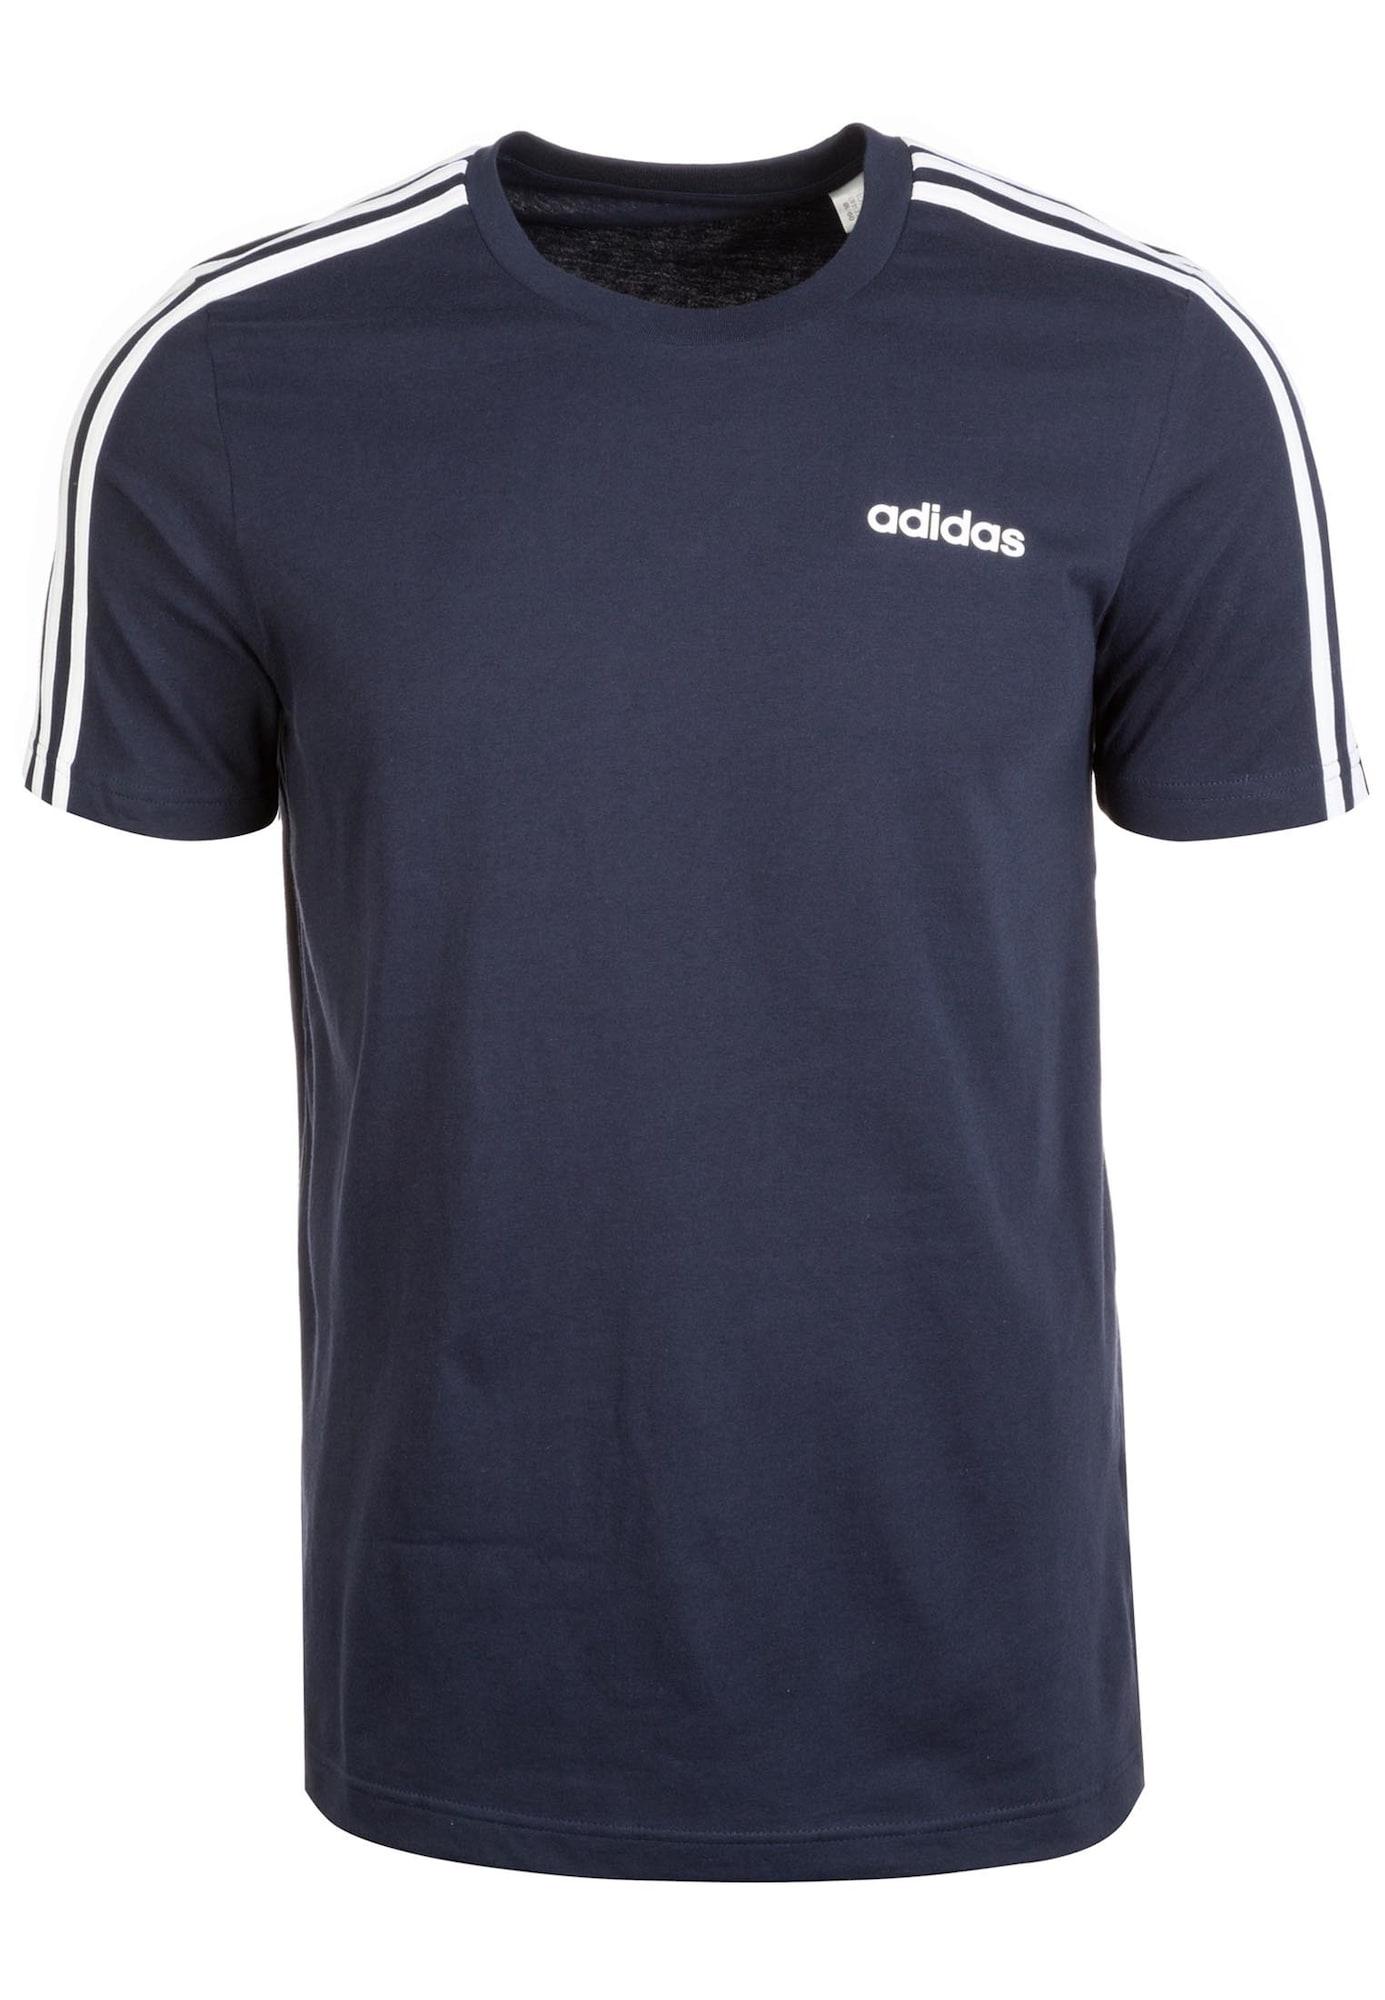 ADIDAS PERFORMANCE Sportiniai marškinėliai 'Essentials 3 Stripes' balta / tamsiai mėlyna